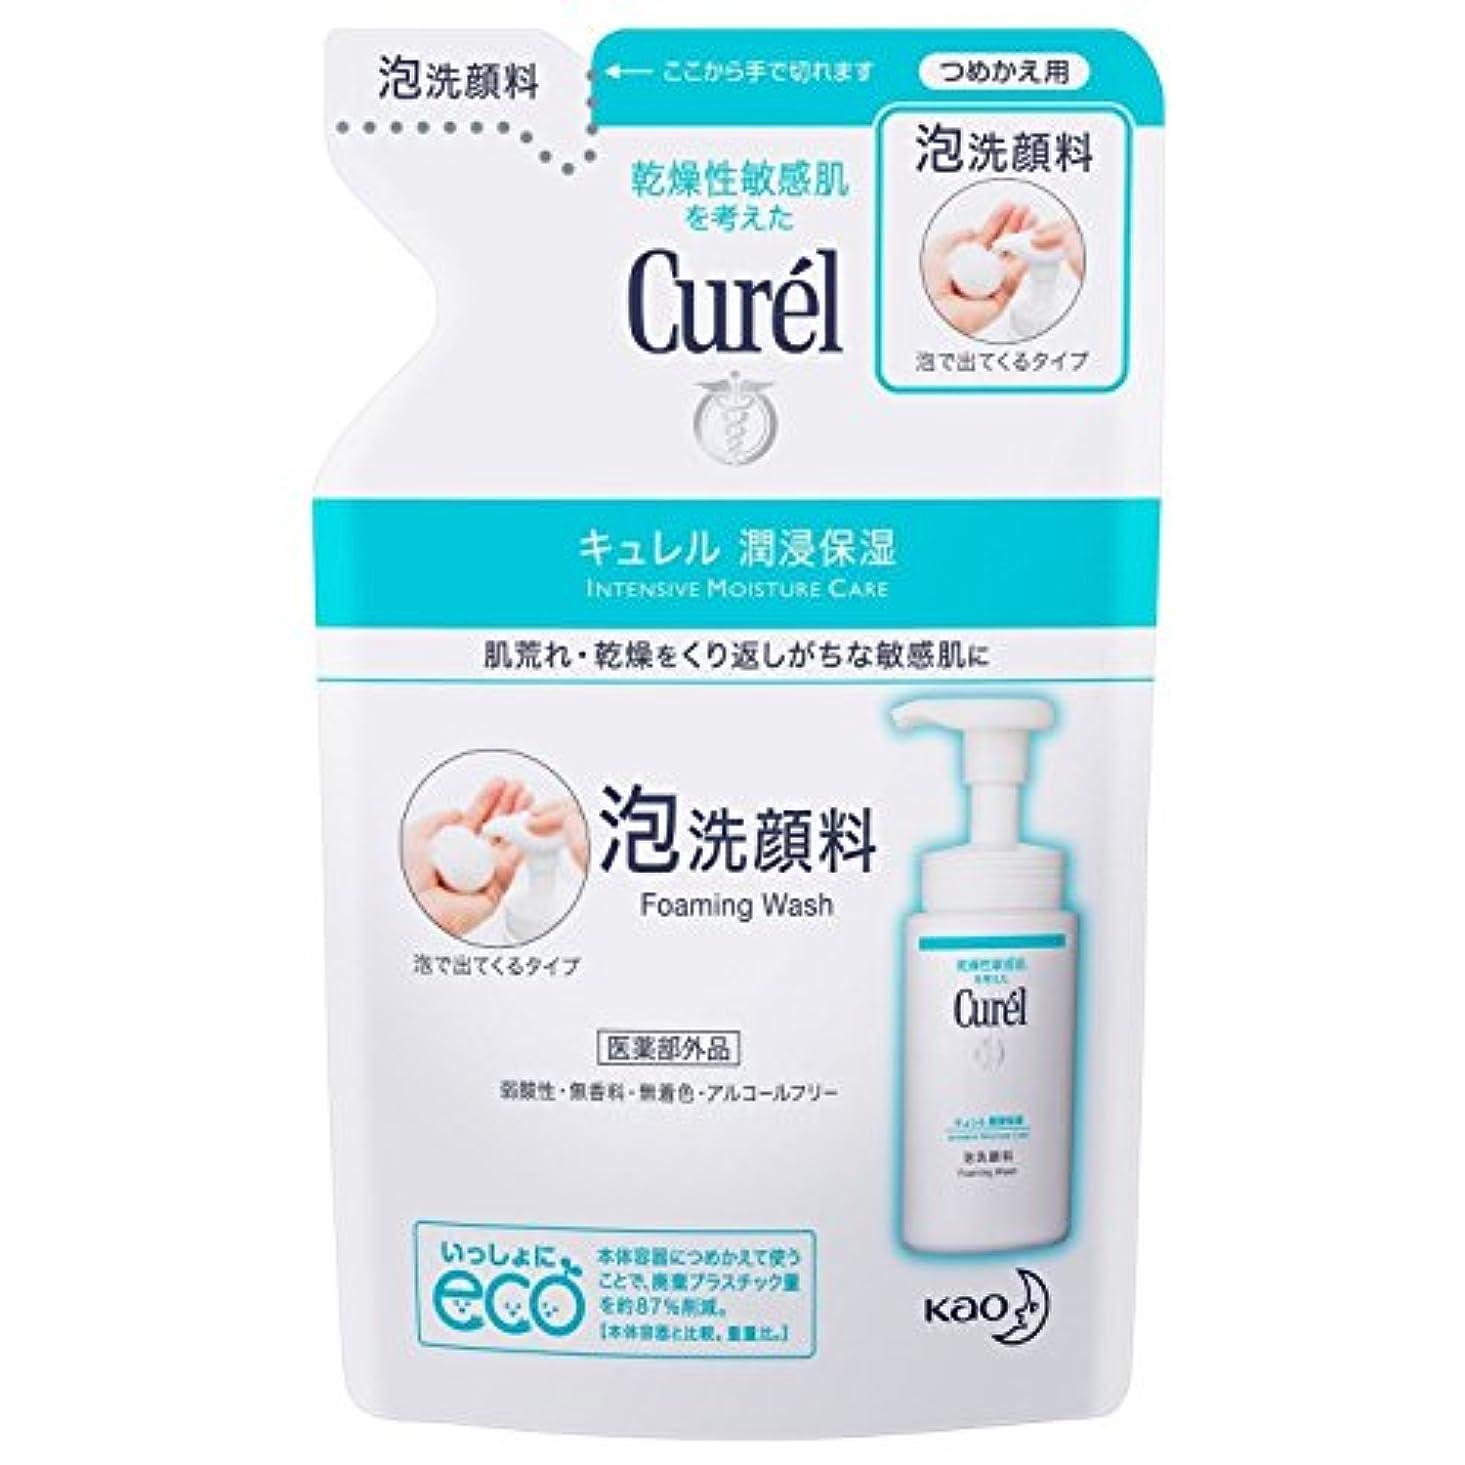 パーチナシティペアフレット【花王】Curel(キュレル) 泡洗顔料 つめかえ用 130ml ×5個セット